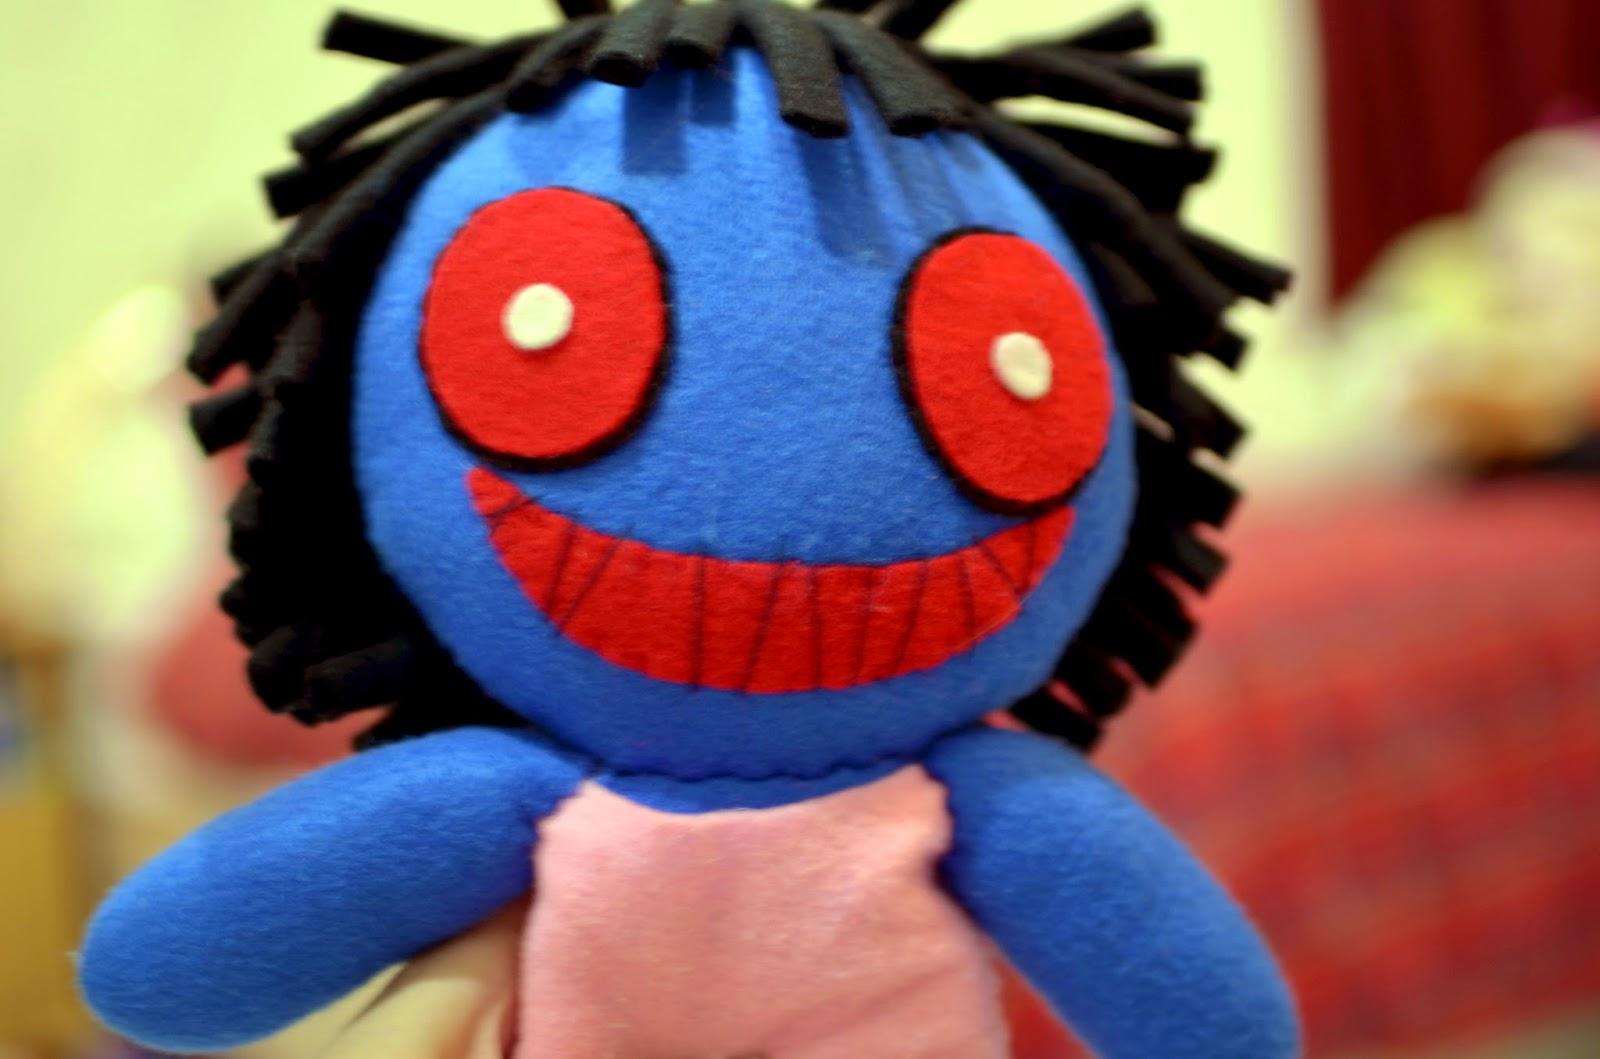 Handmade Blue Doll (Ib game)